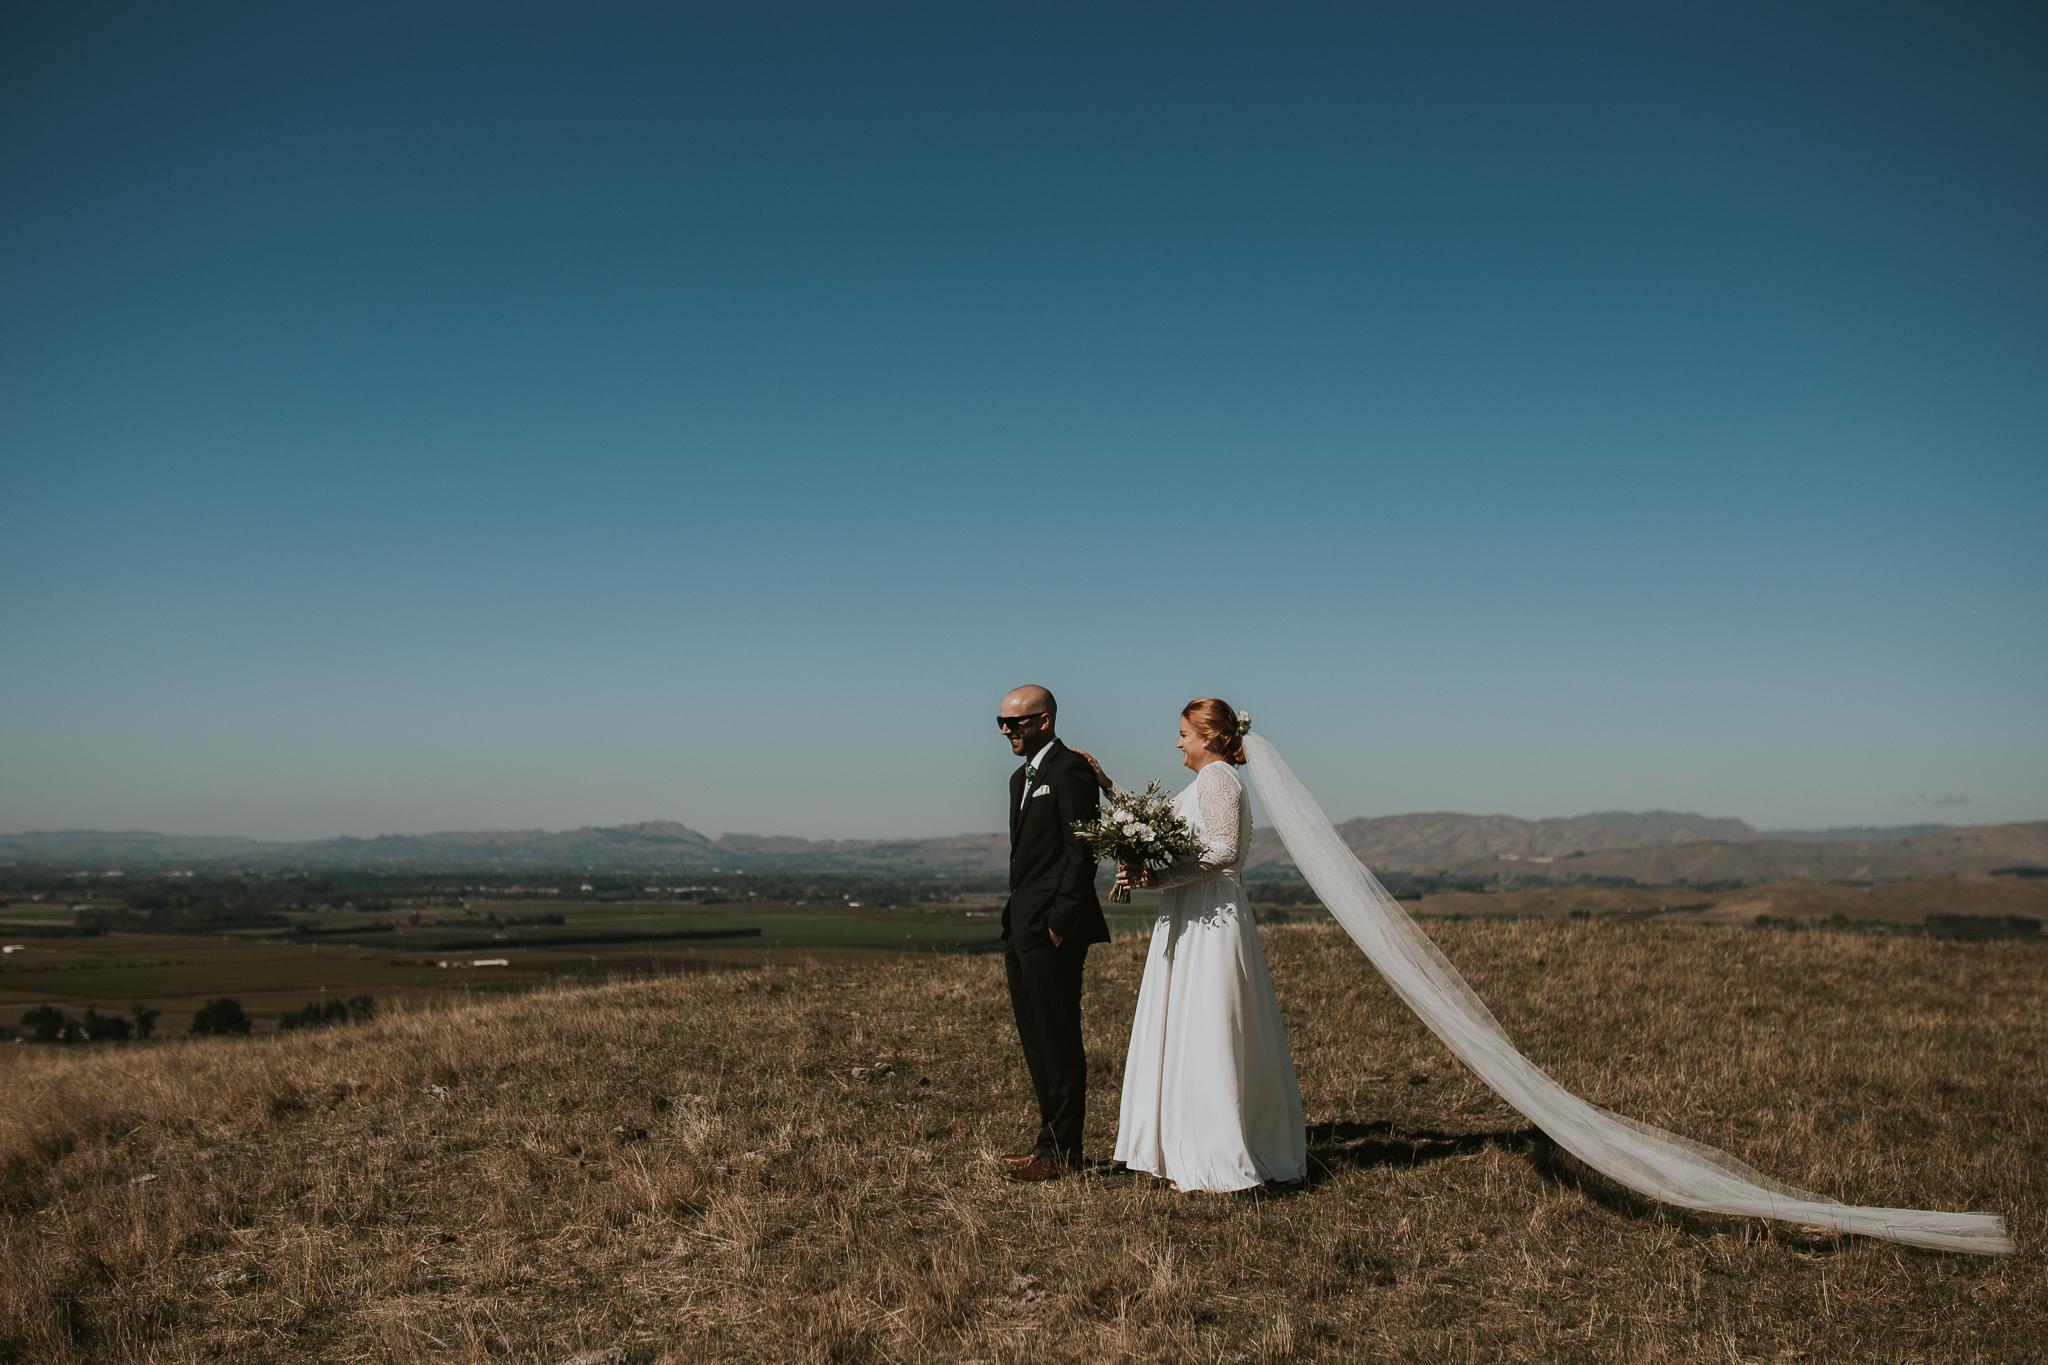 wedding photographer hawkes bay , Lisa Fisher Photography, Selini Winery Wedding -35.jpg